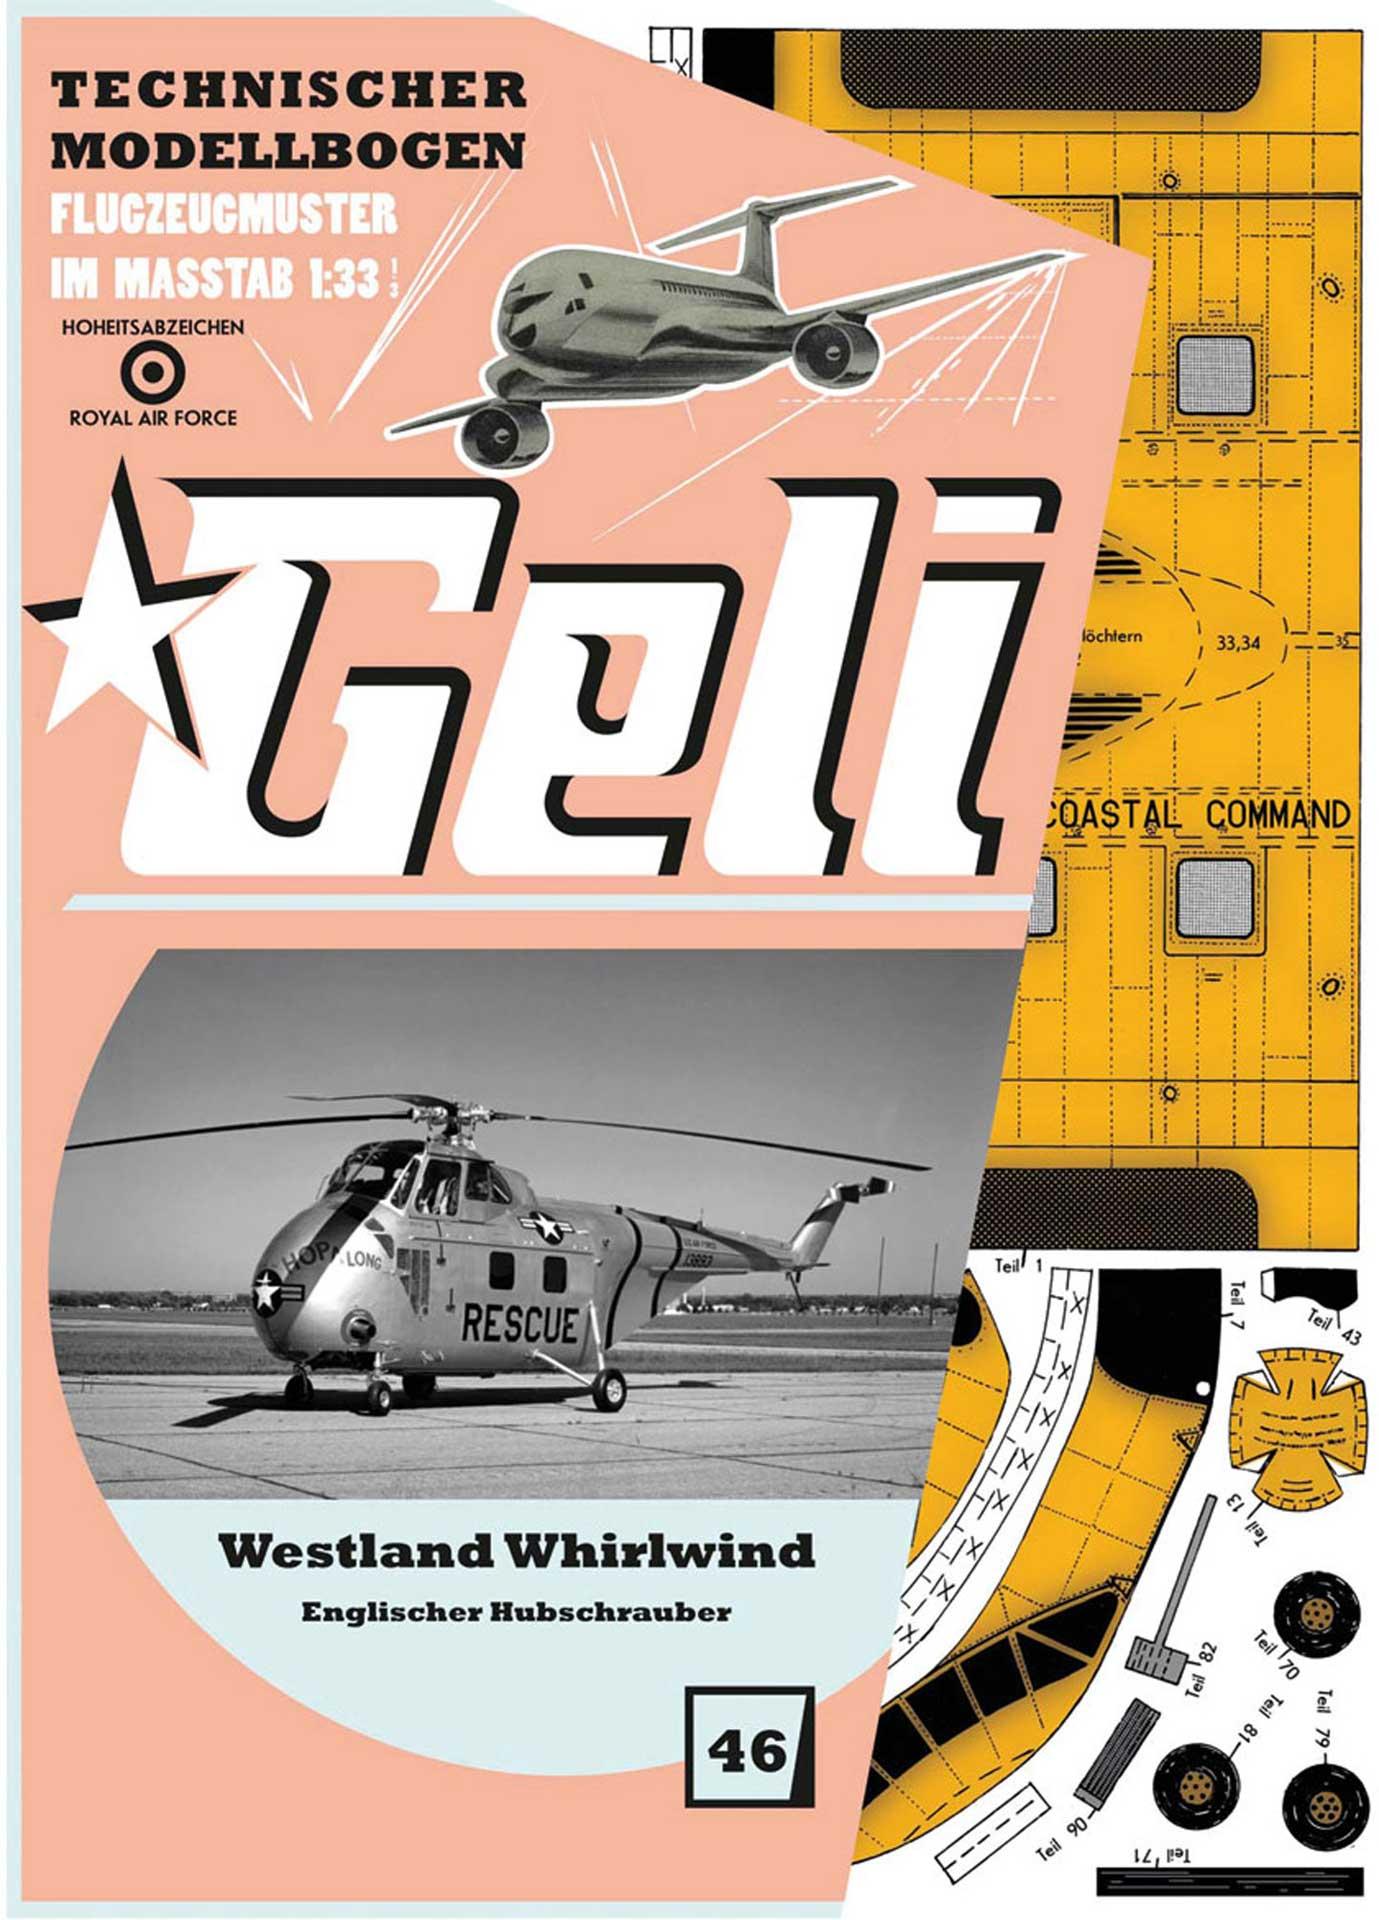 GELI Westland Whirlwind # 46 KARTONMODELL